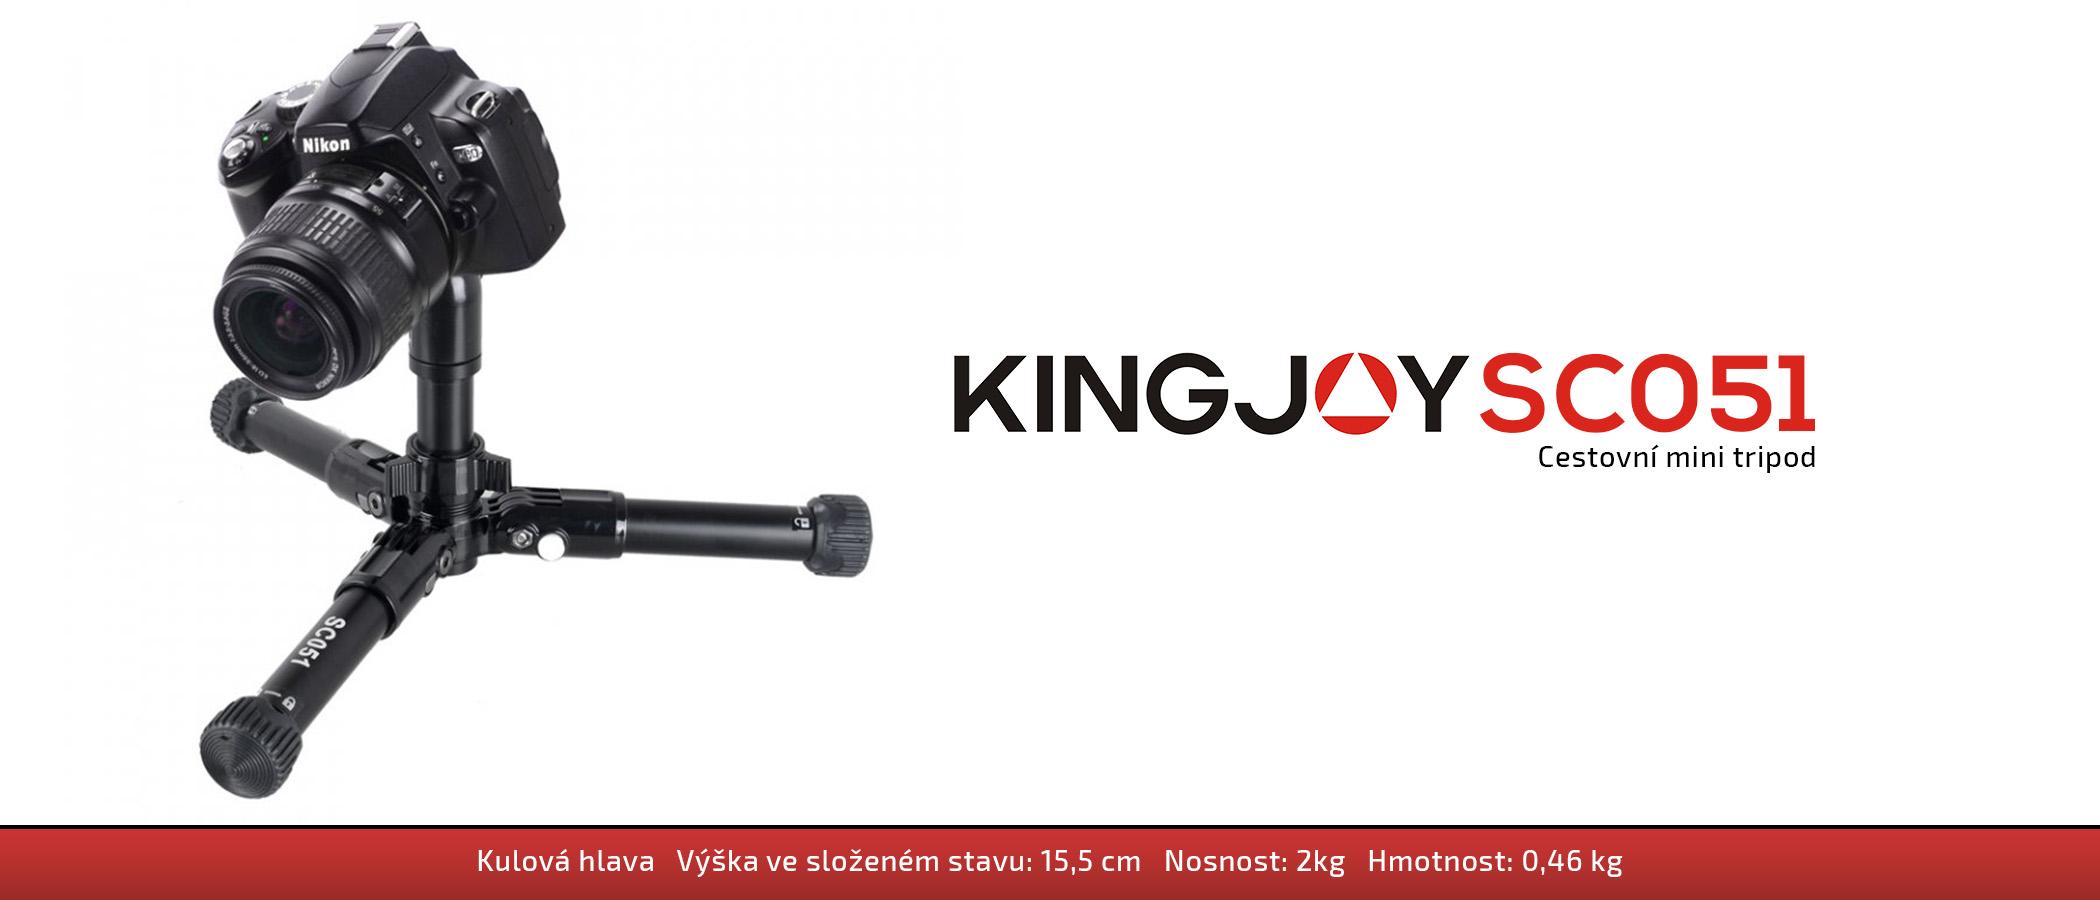 film-technika-kingjoy-sc051-banner